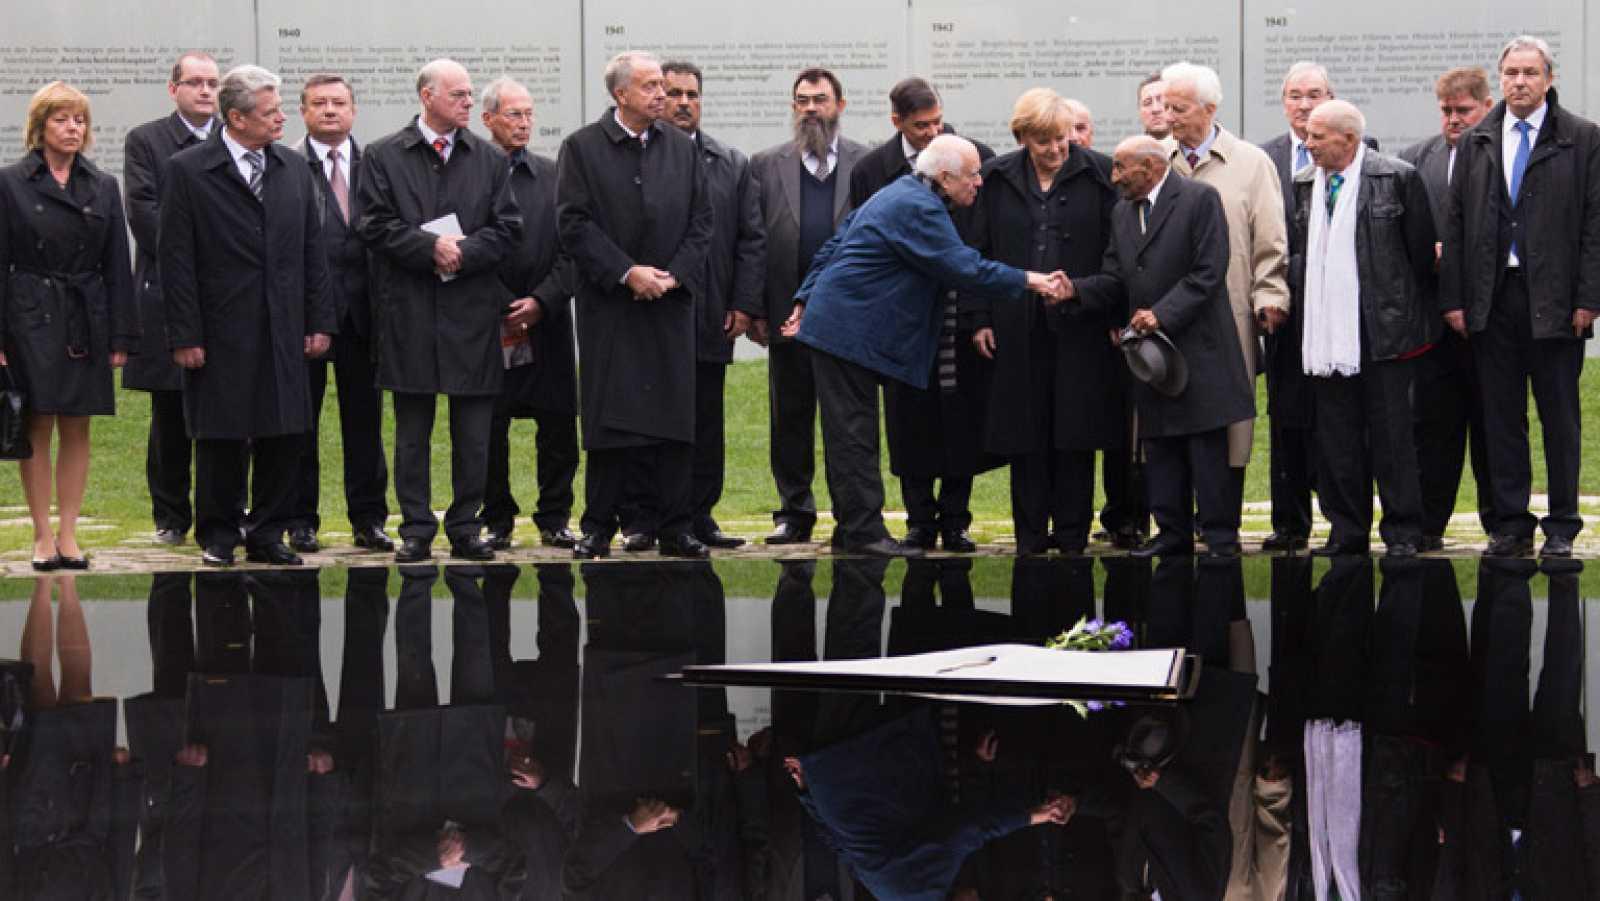 La canciller alemana, Angela Merkel, ha rendido este miércoles homenaje al medio millón de gitanos asesinados durante el Tercer Reich.